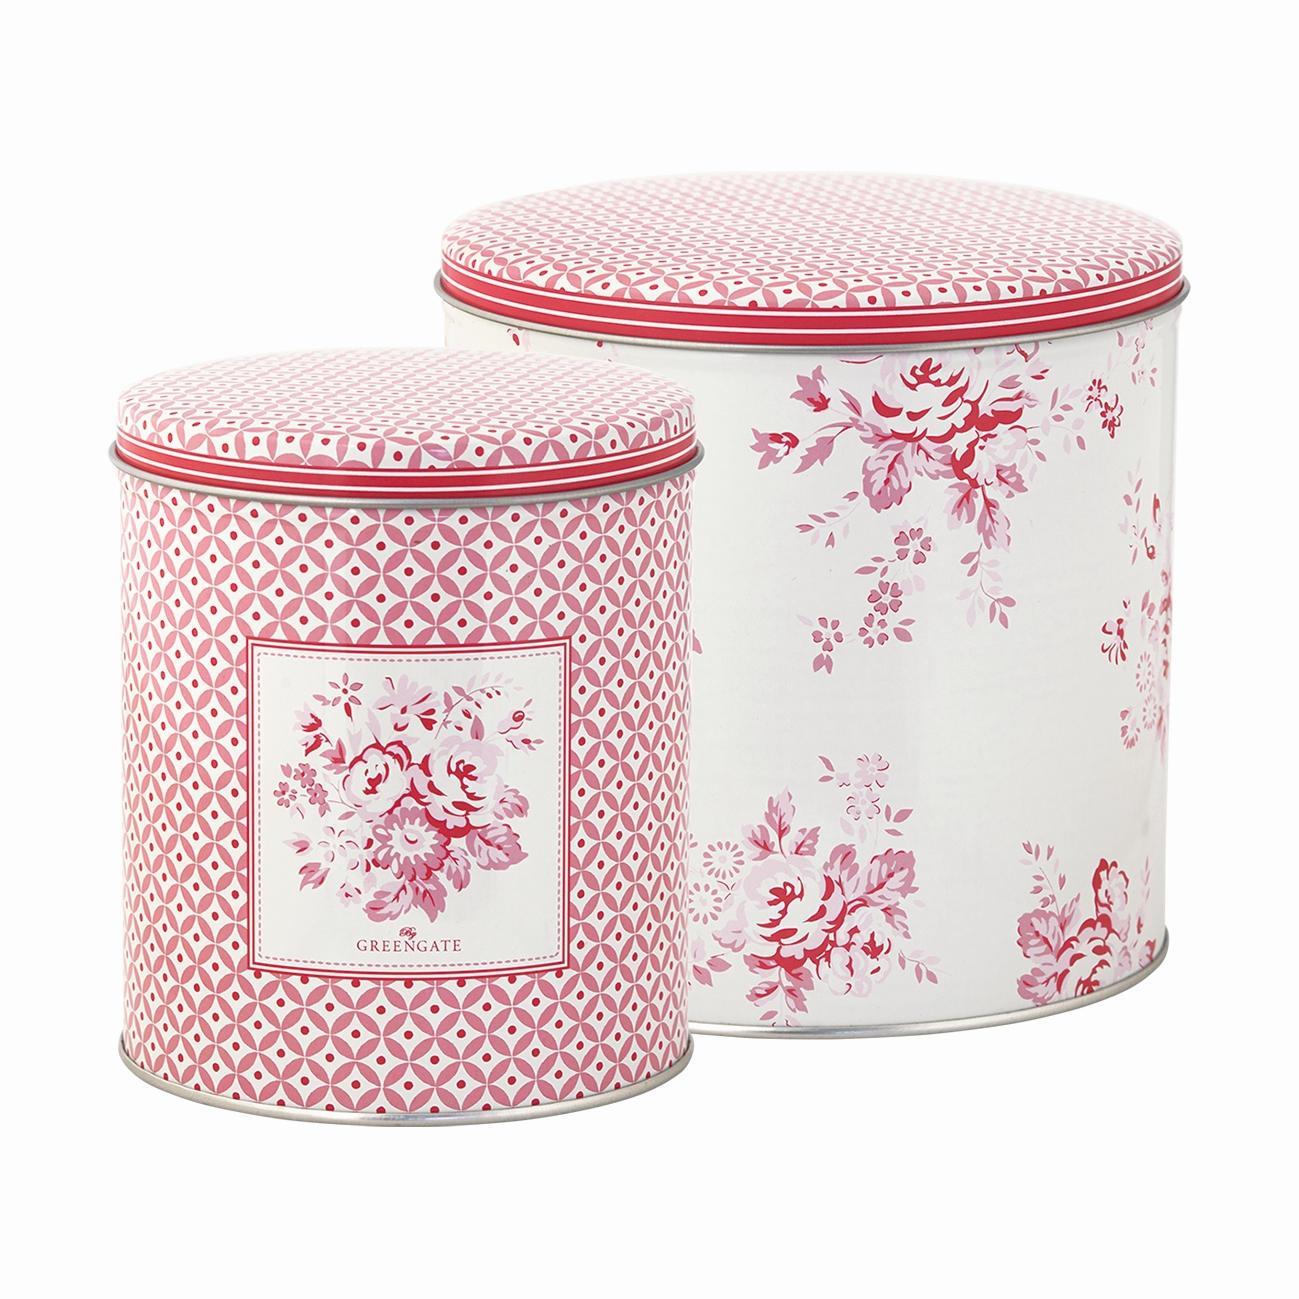 GREEN GATE Plechové dózy Abelone raspberry- set 2 ks, růžová barva, kov